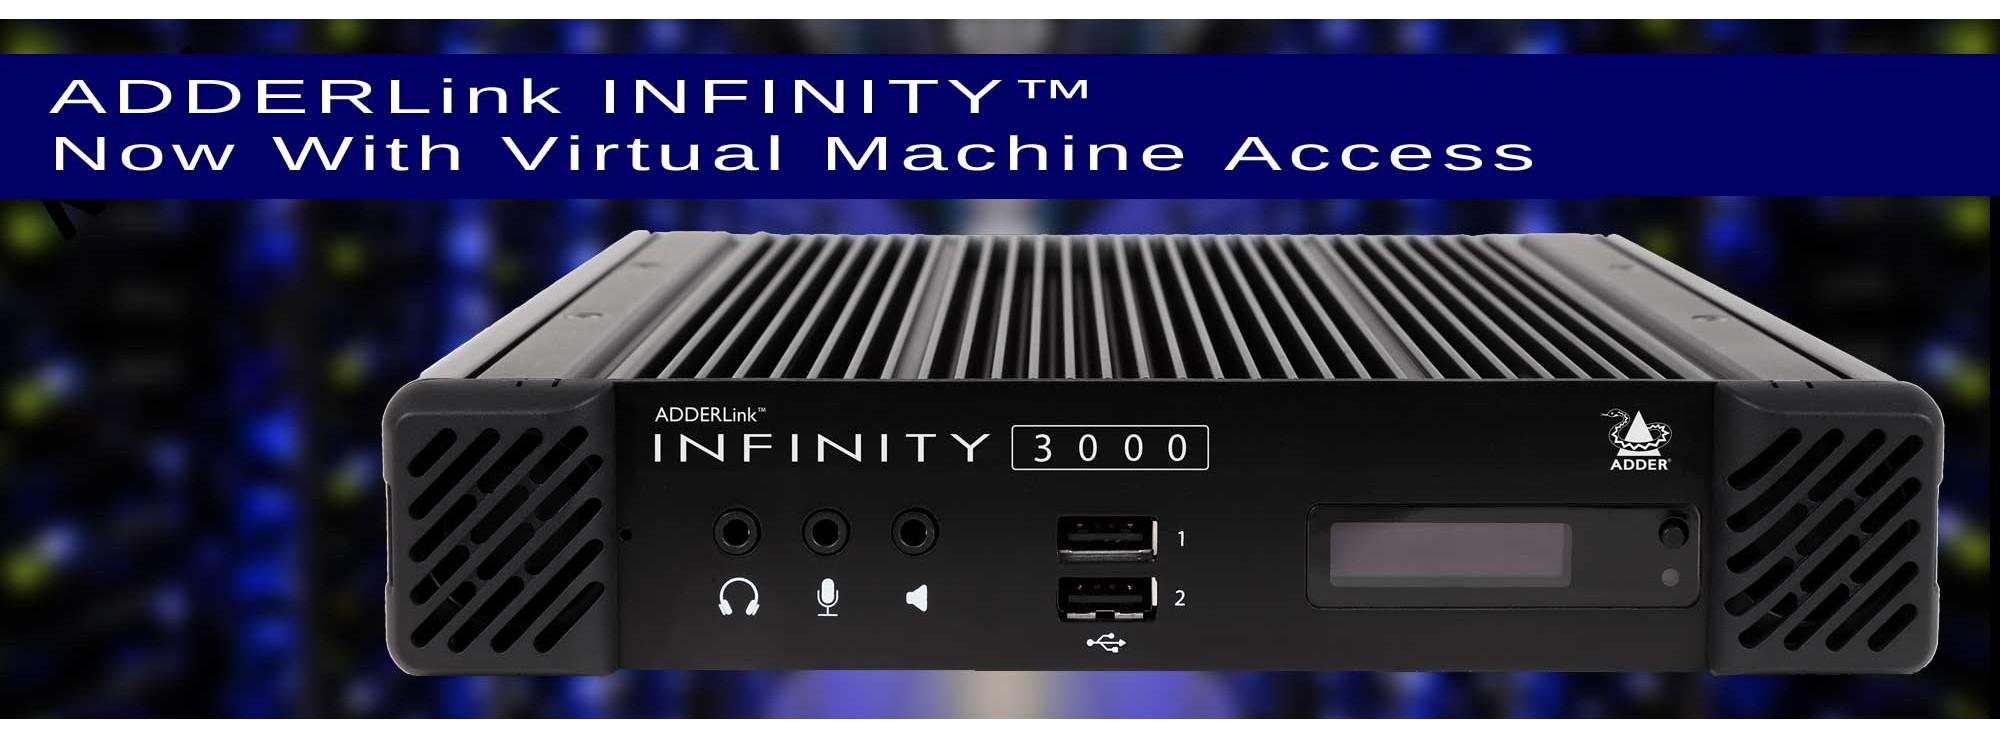 INFINITY 3000